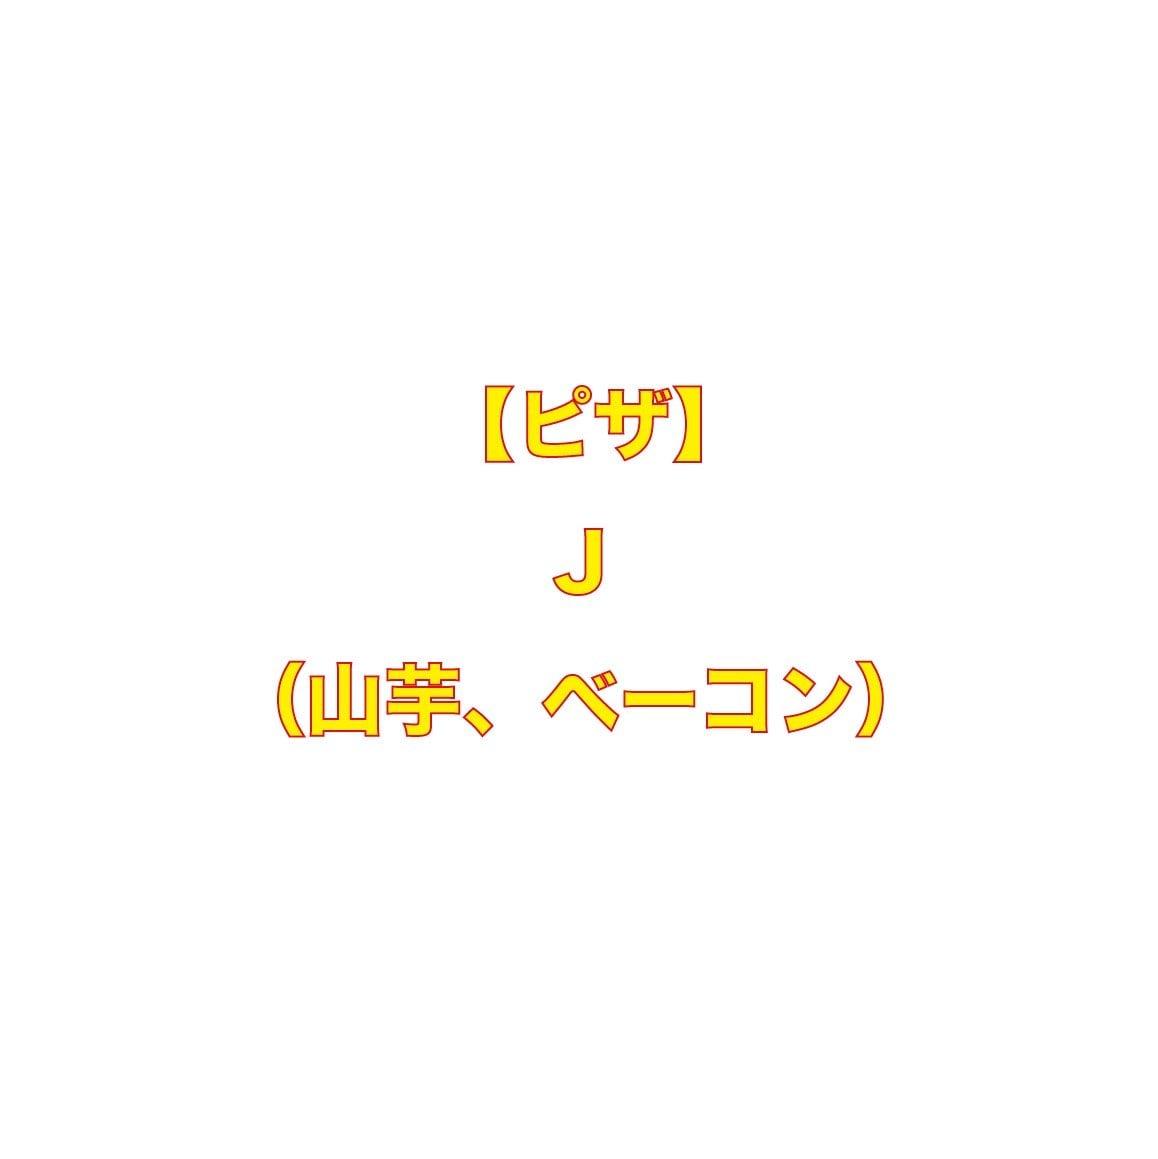 【ピザ】J(山芋、ベーコン)のイメージその1